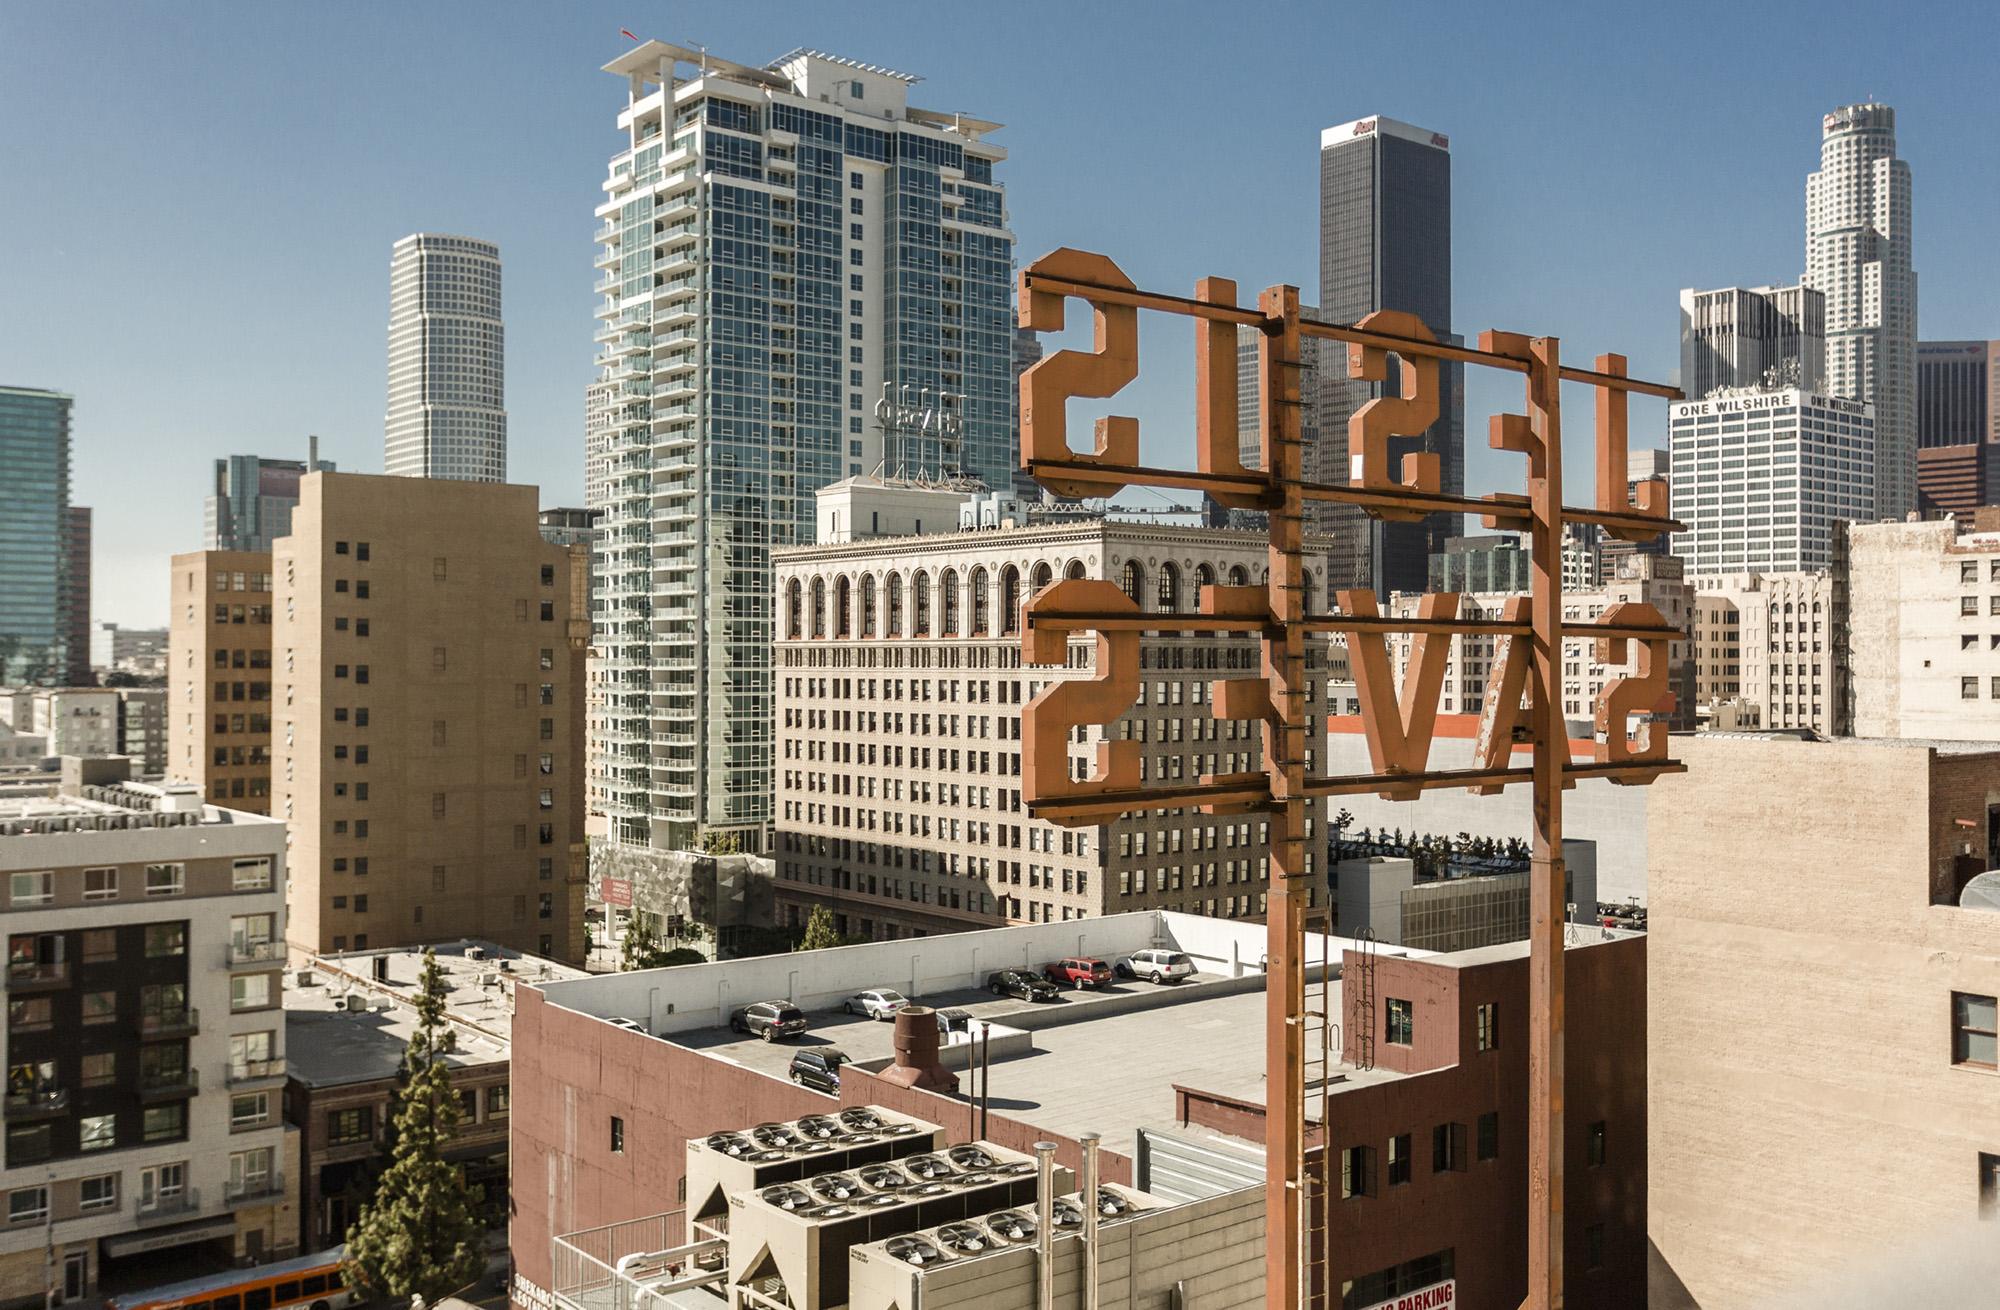 Los Angeles_mg_5323.jpg